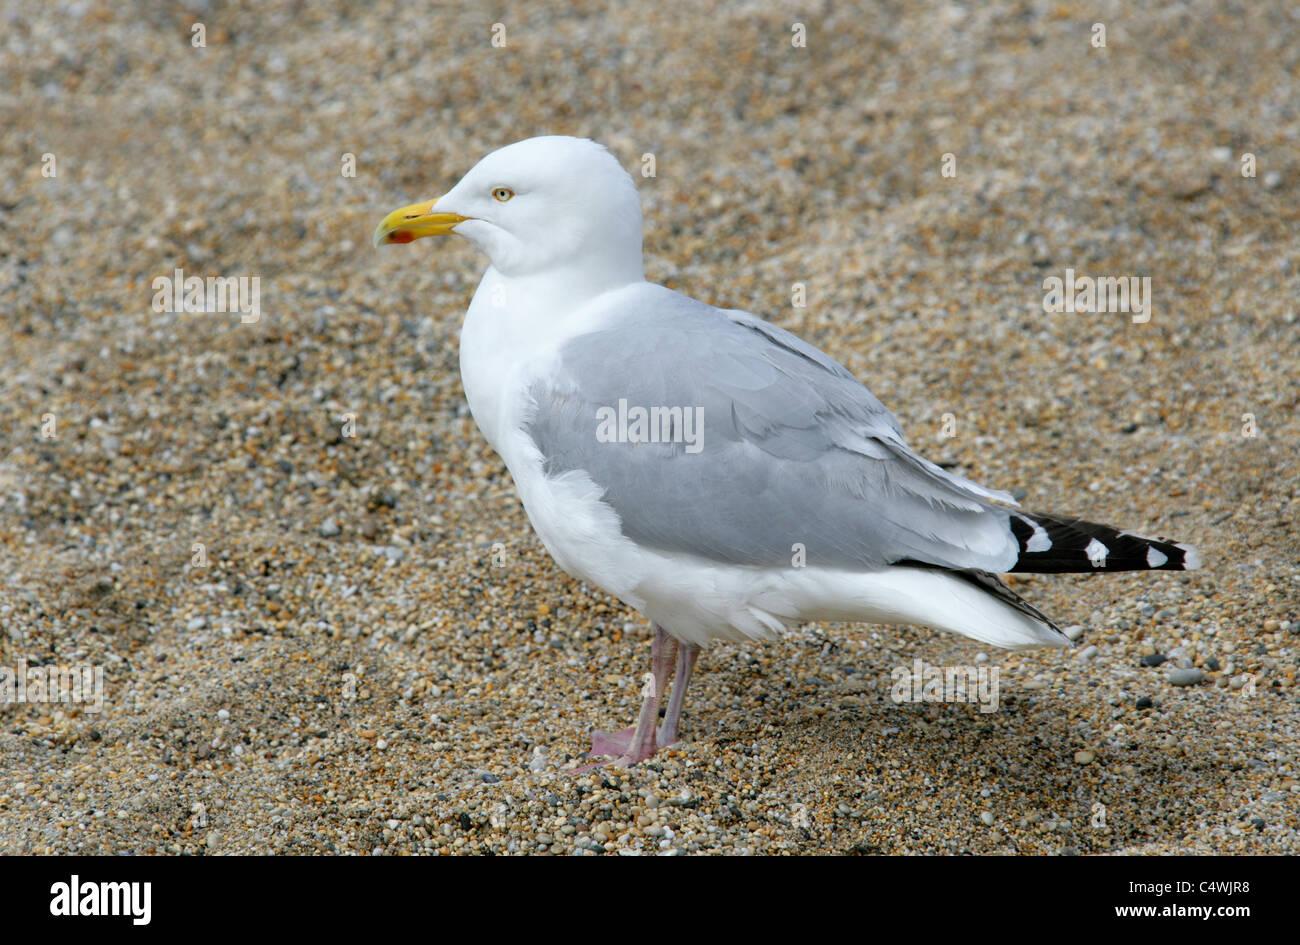 Adult Herring Gull, Larus argentatus, Laridae. - Stock Image